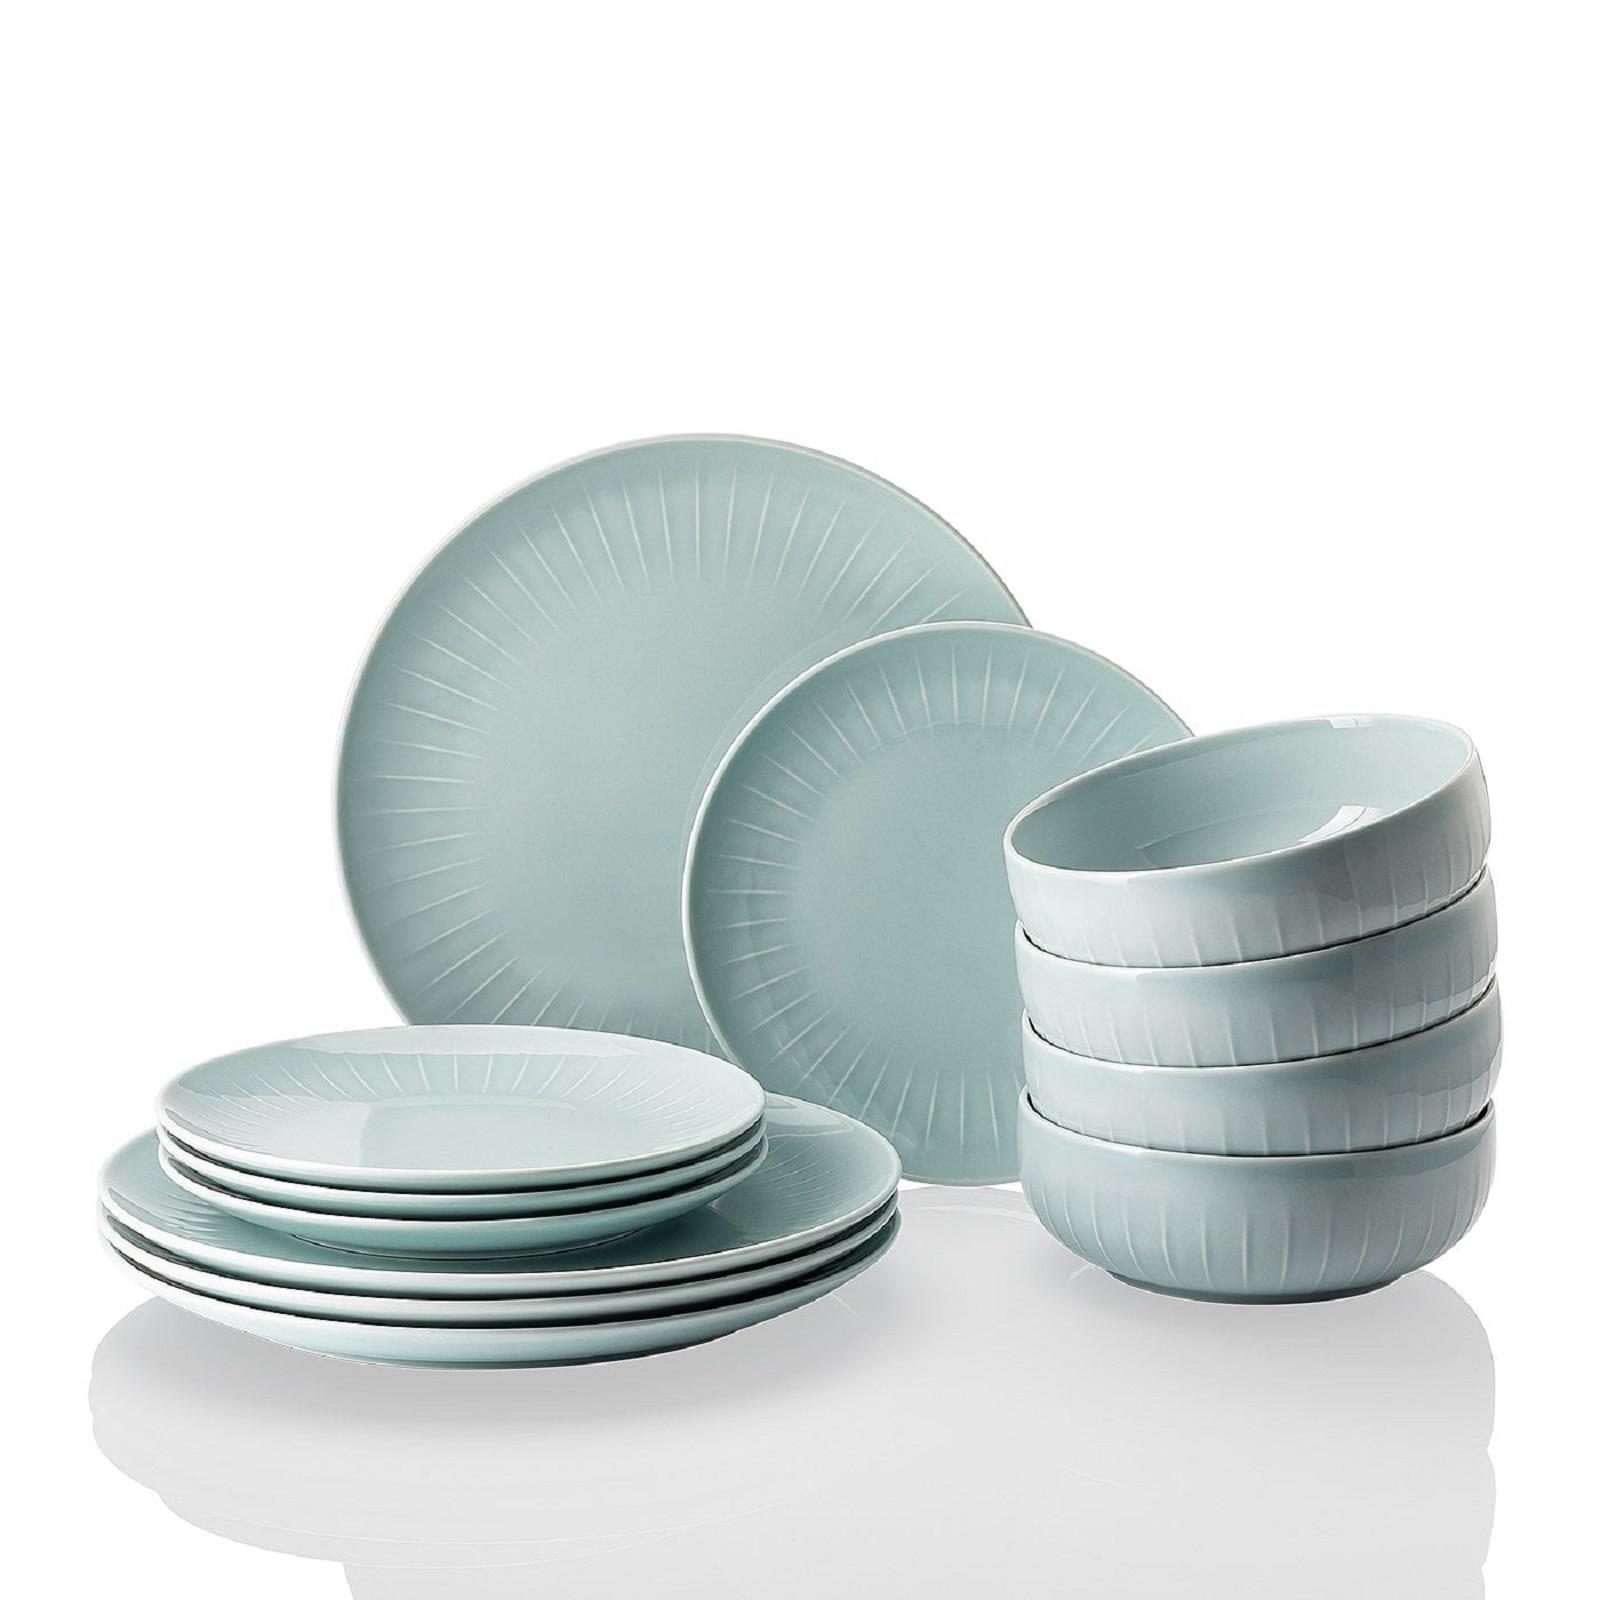 Онлайн каталог PROMENU: Набор посуды столовой Arzberg JOYN, ментоловый, 12 предметов Arzberg 44020-640206-28650